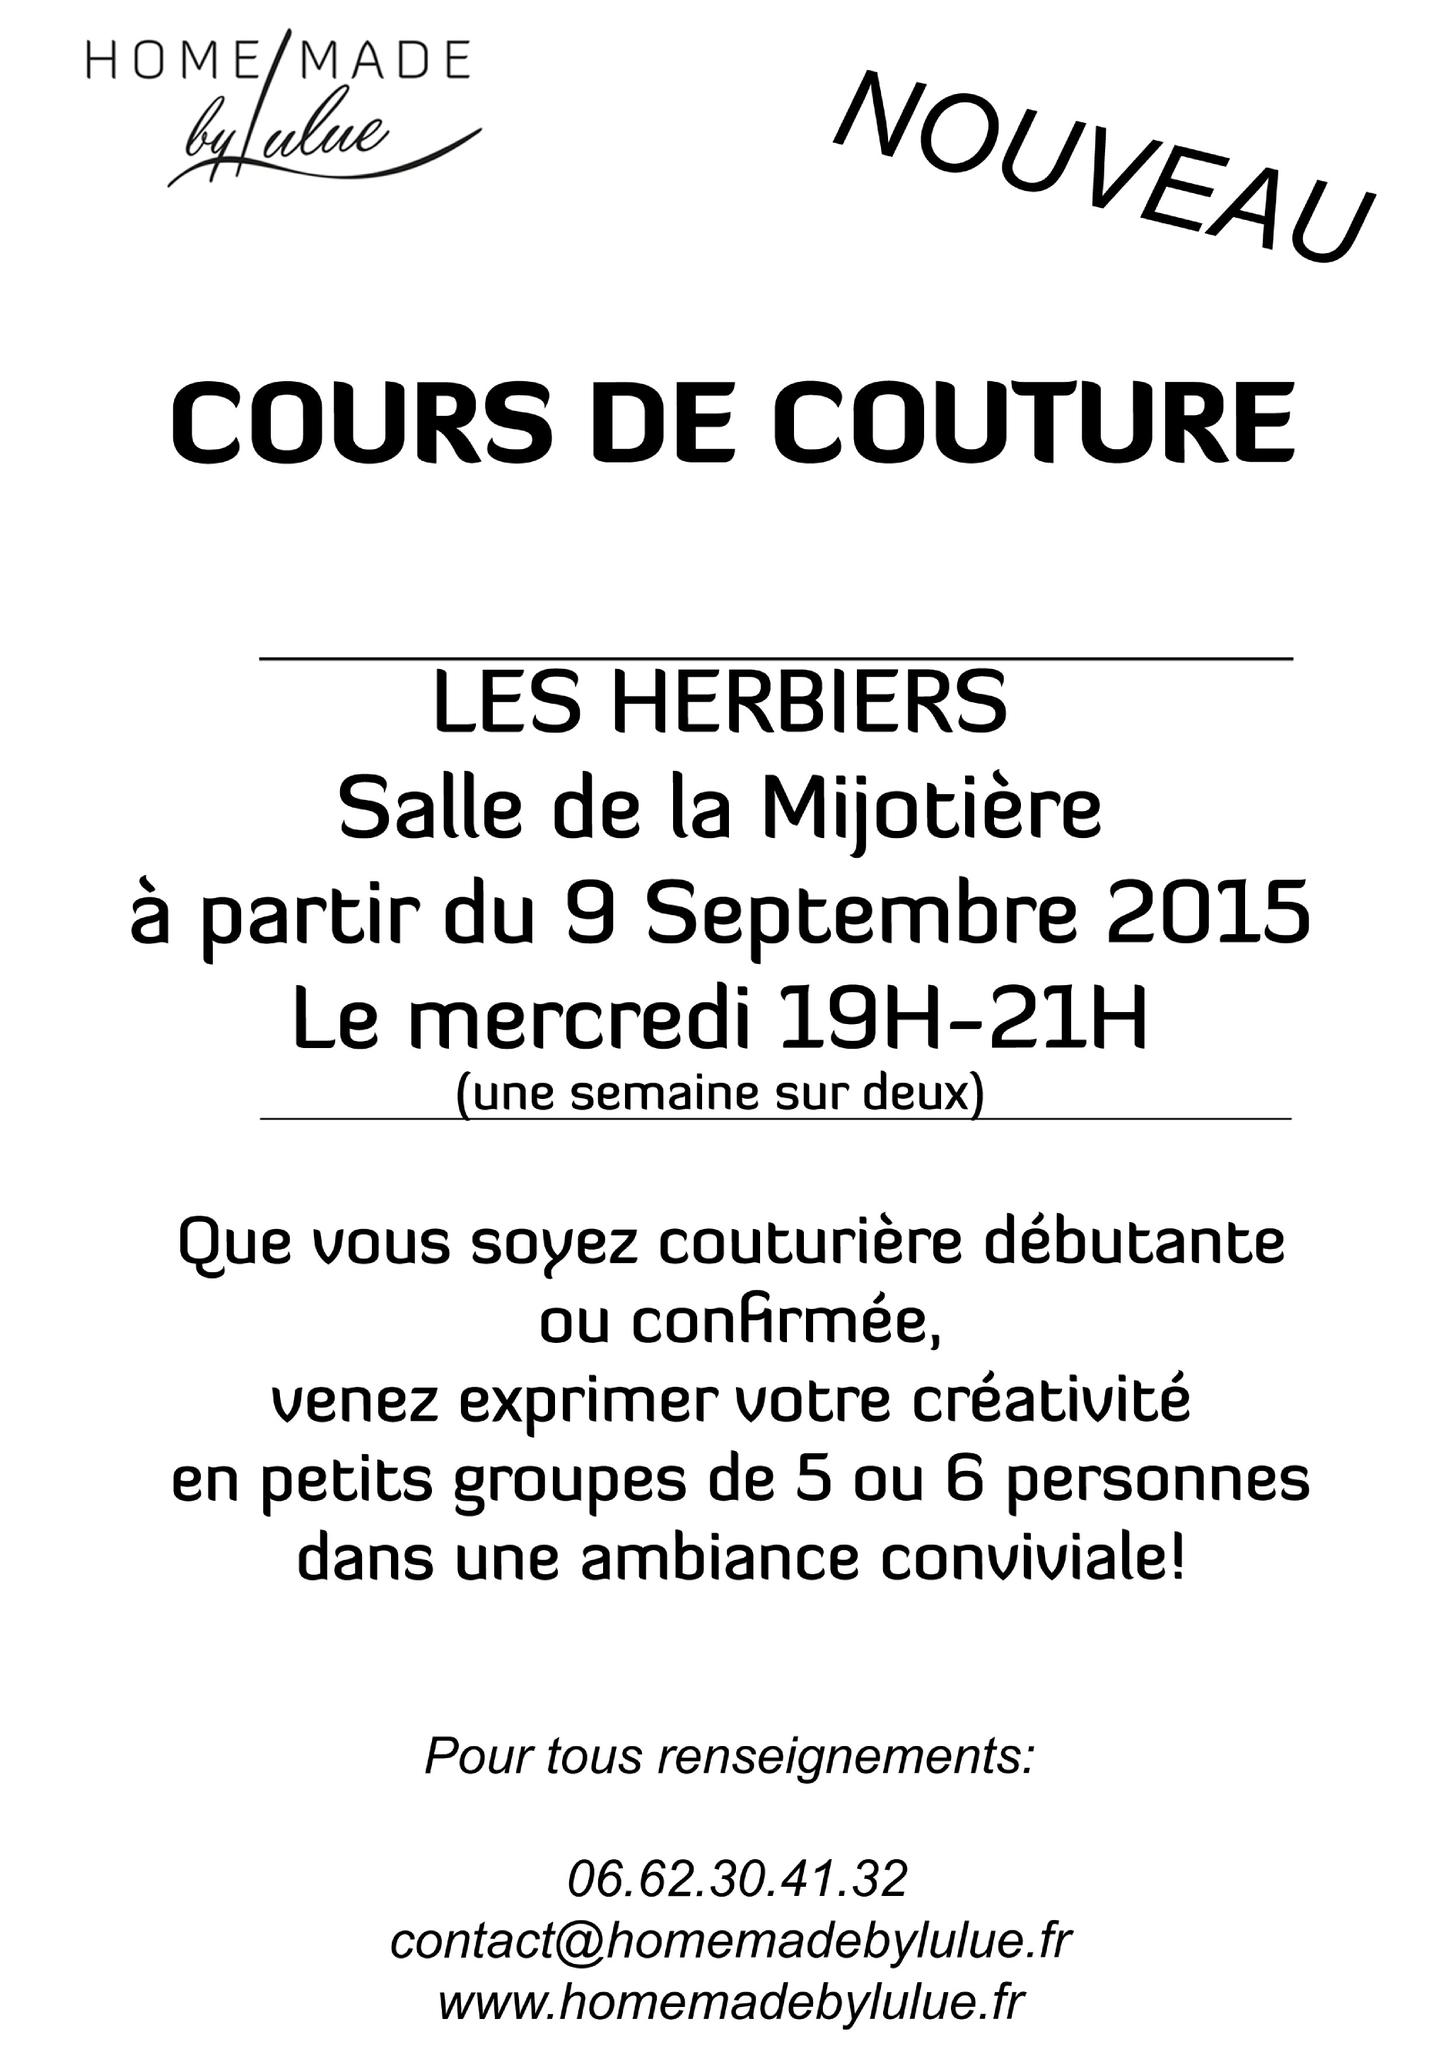 NOUVEAU – Cours de couture